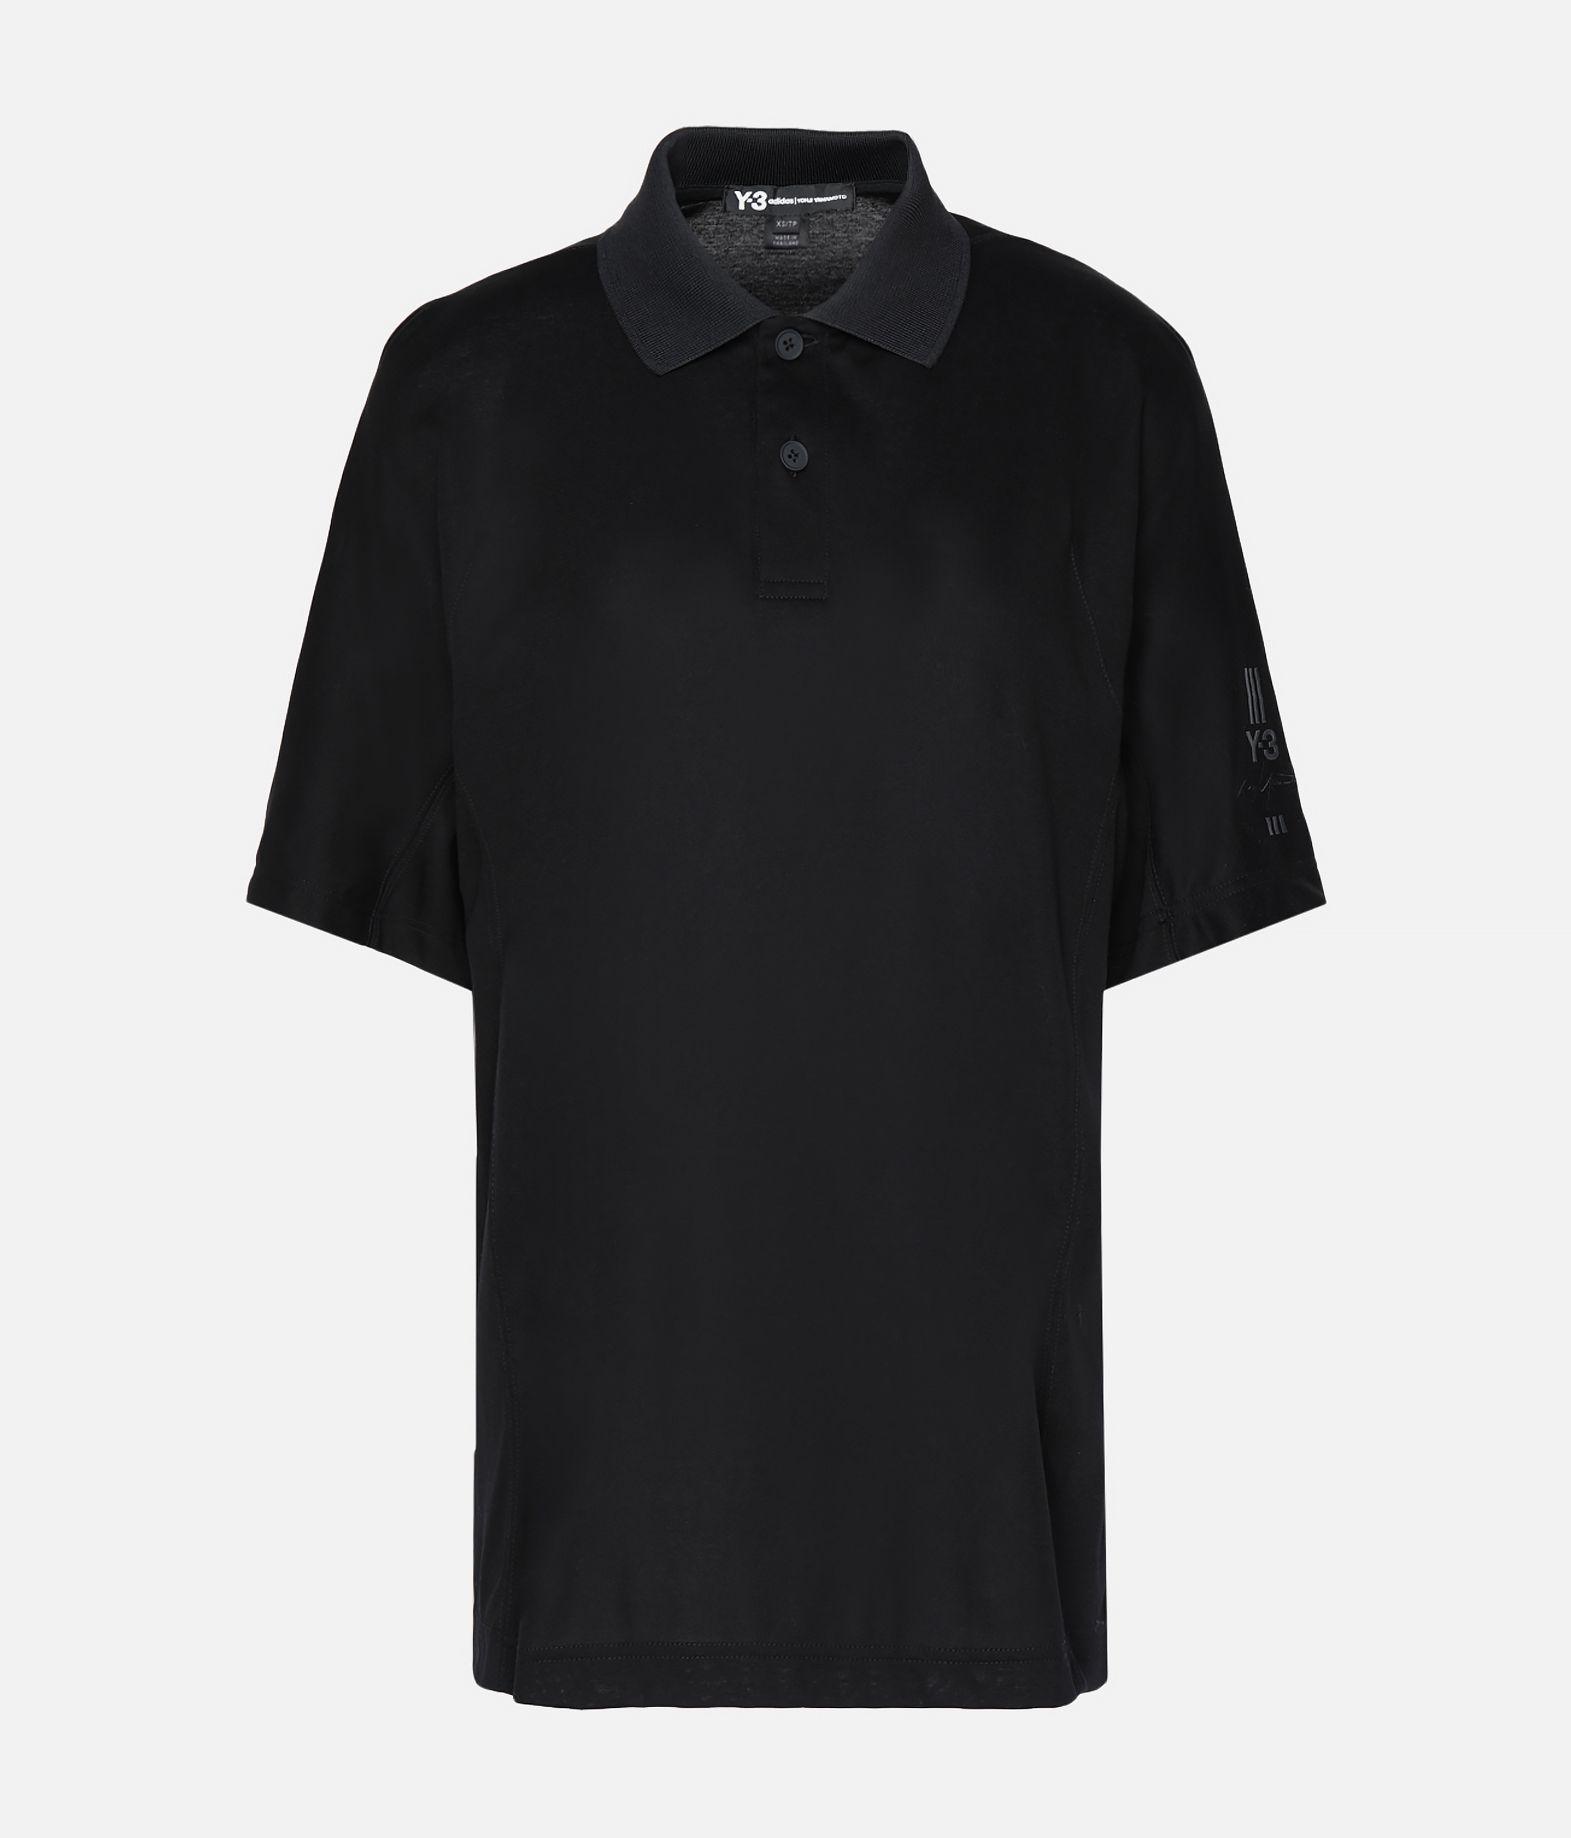 Y-3 Y-3 New Classic Polo Shirt  ポロシャツ レディース f